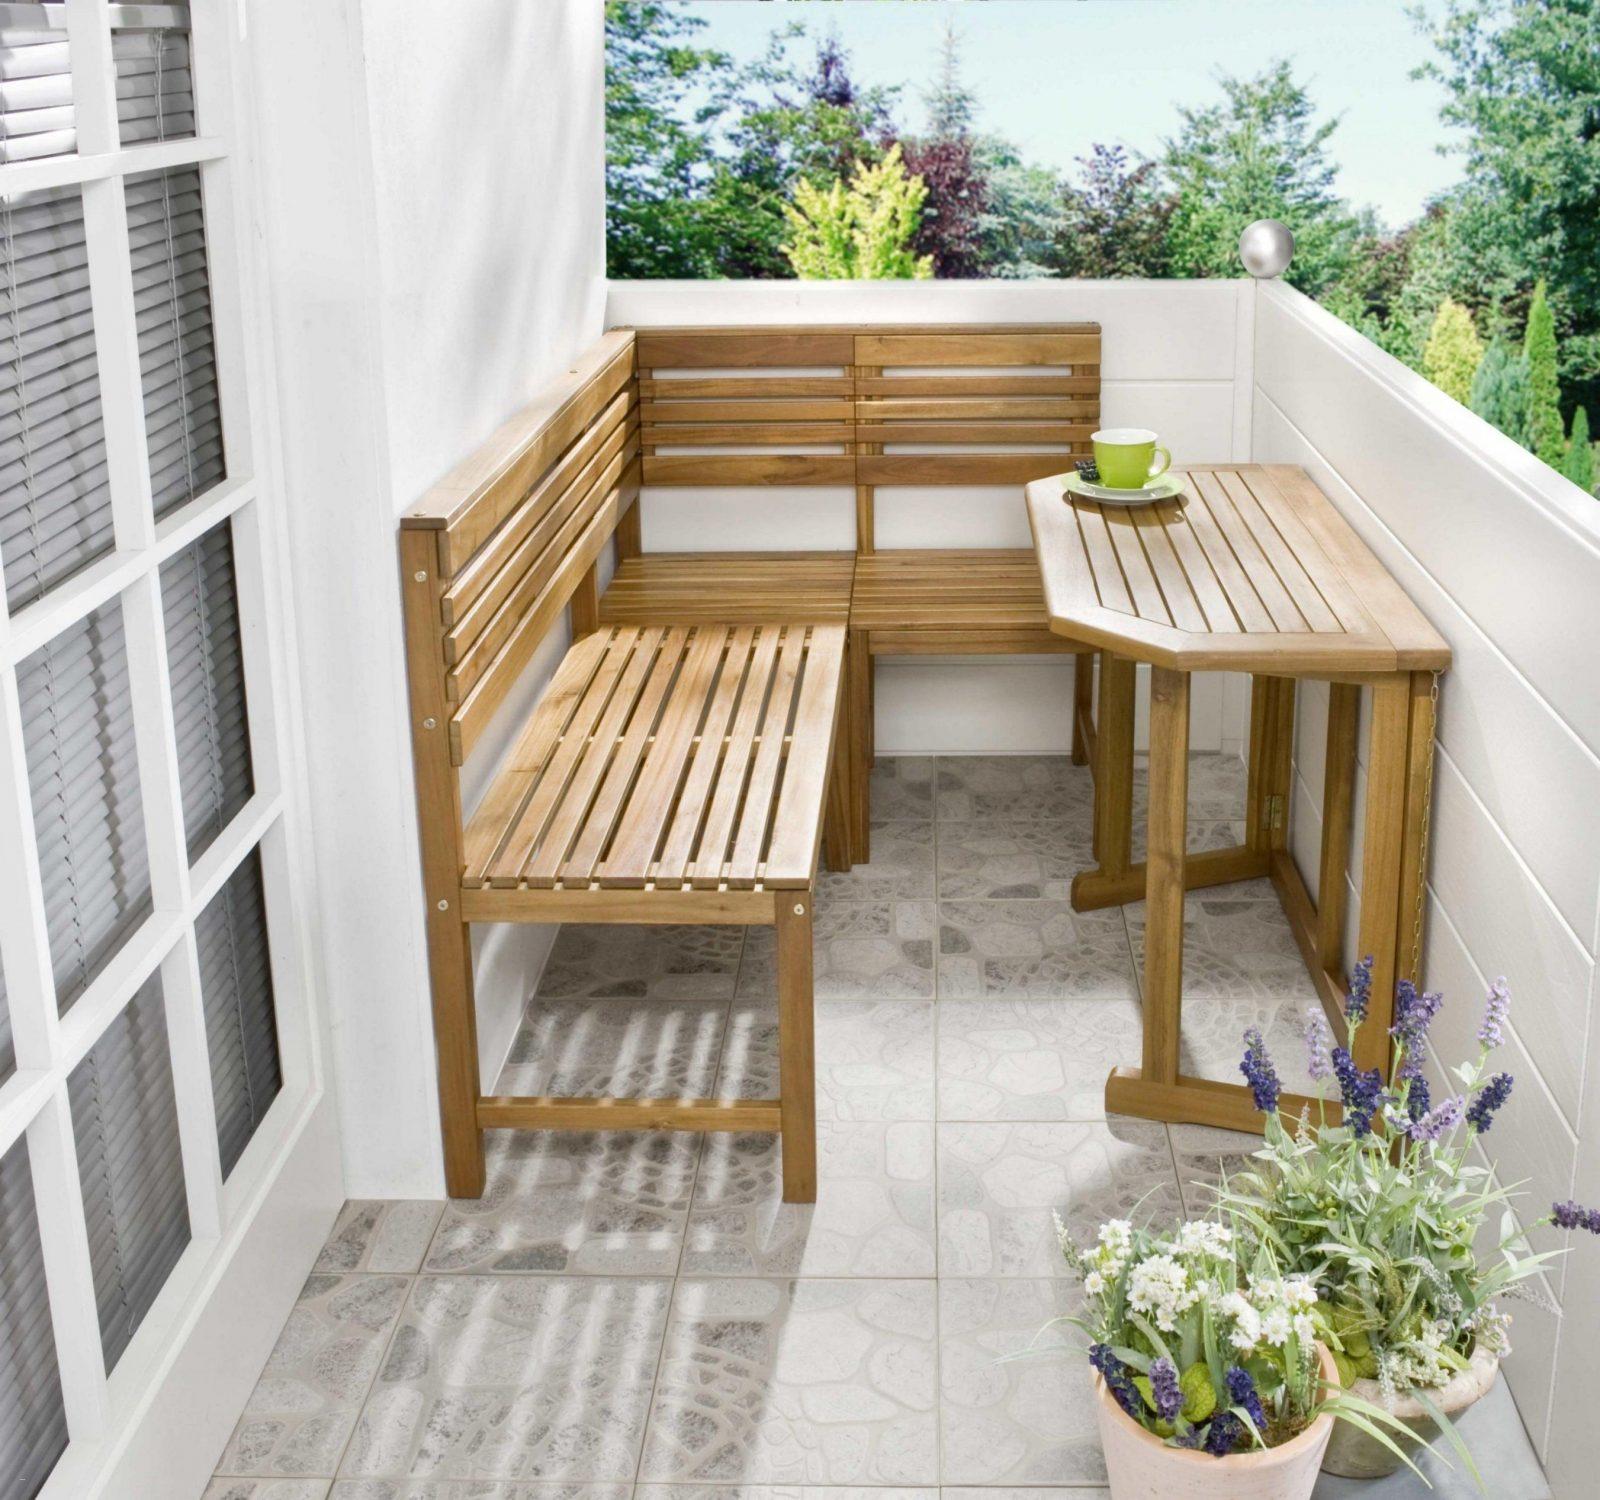 Balkon Gestalten Tipps Inspirierend Beautiful Balkon Gestalten Mit Von Balkon  Gestalten Mit Wenig Geld Bild